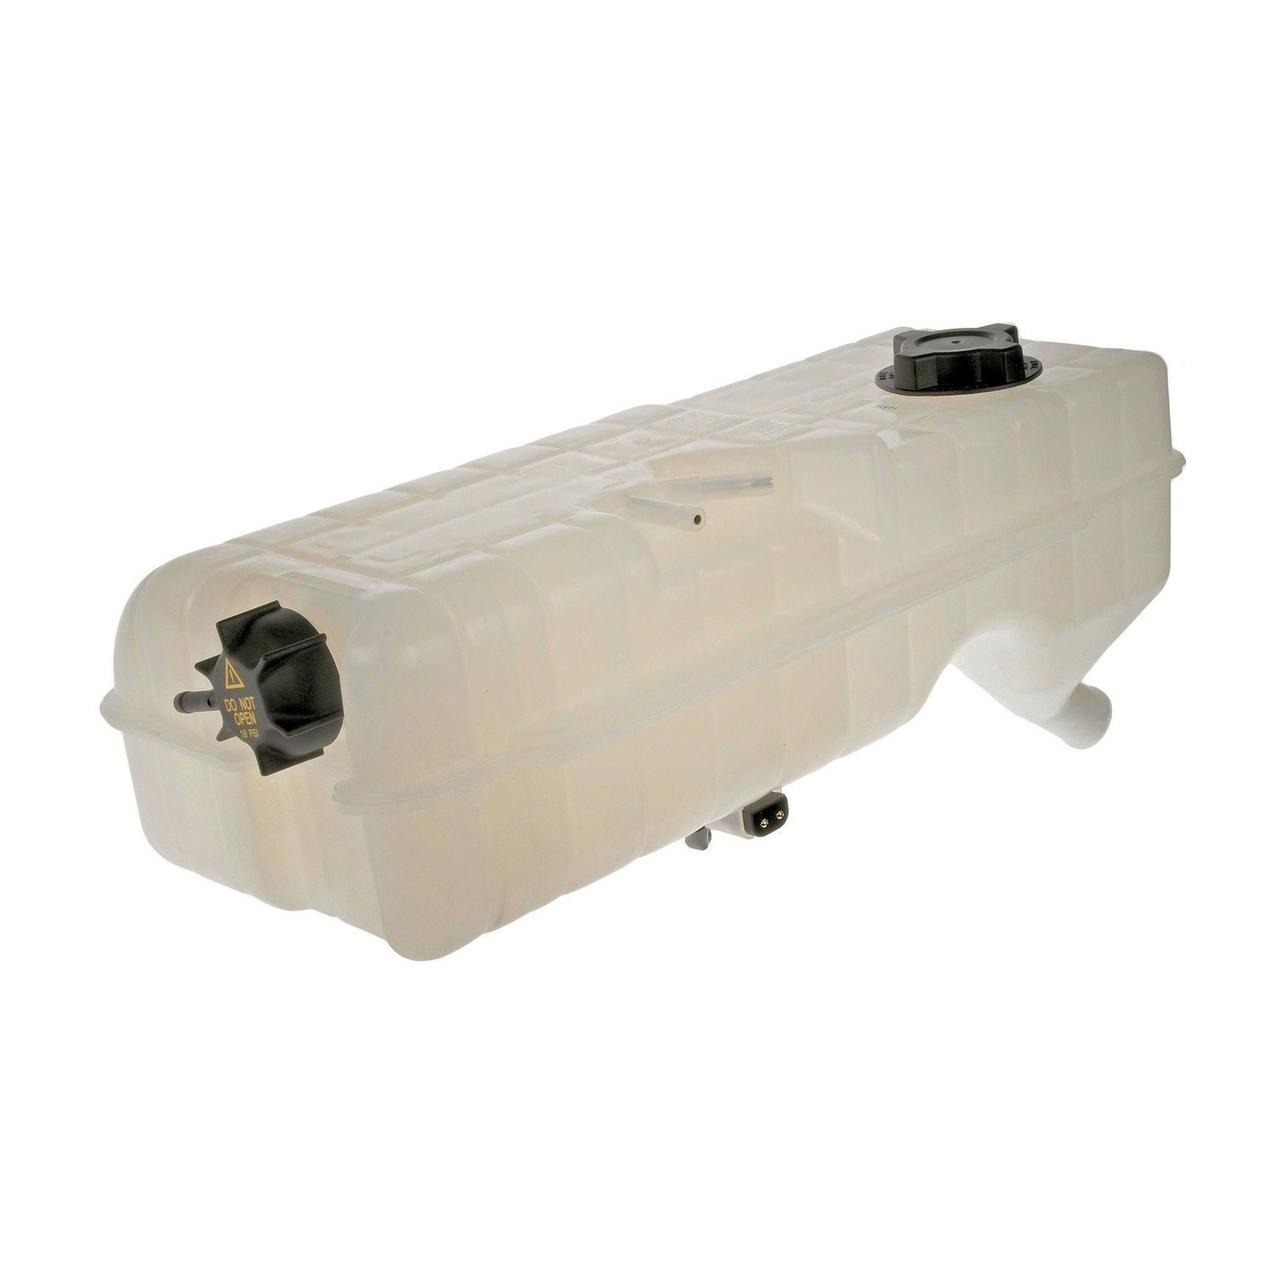 Pressurized coolant tank reservoir for Volvo VNM, VNL, VN, Heavy Duty